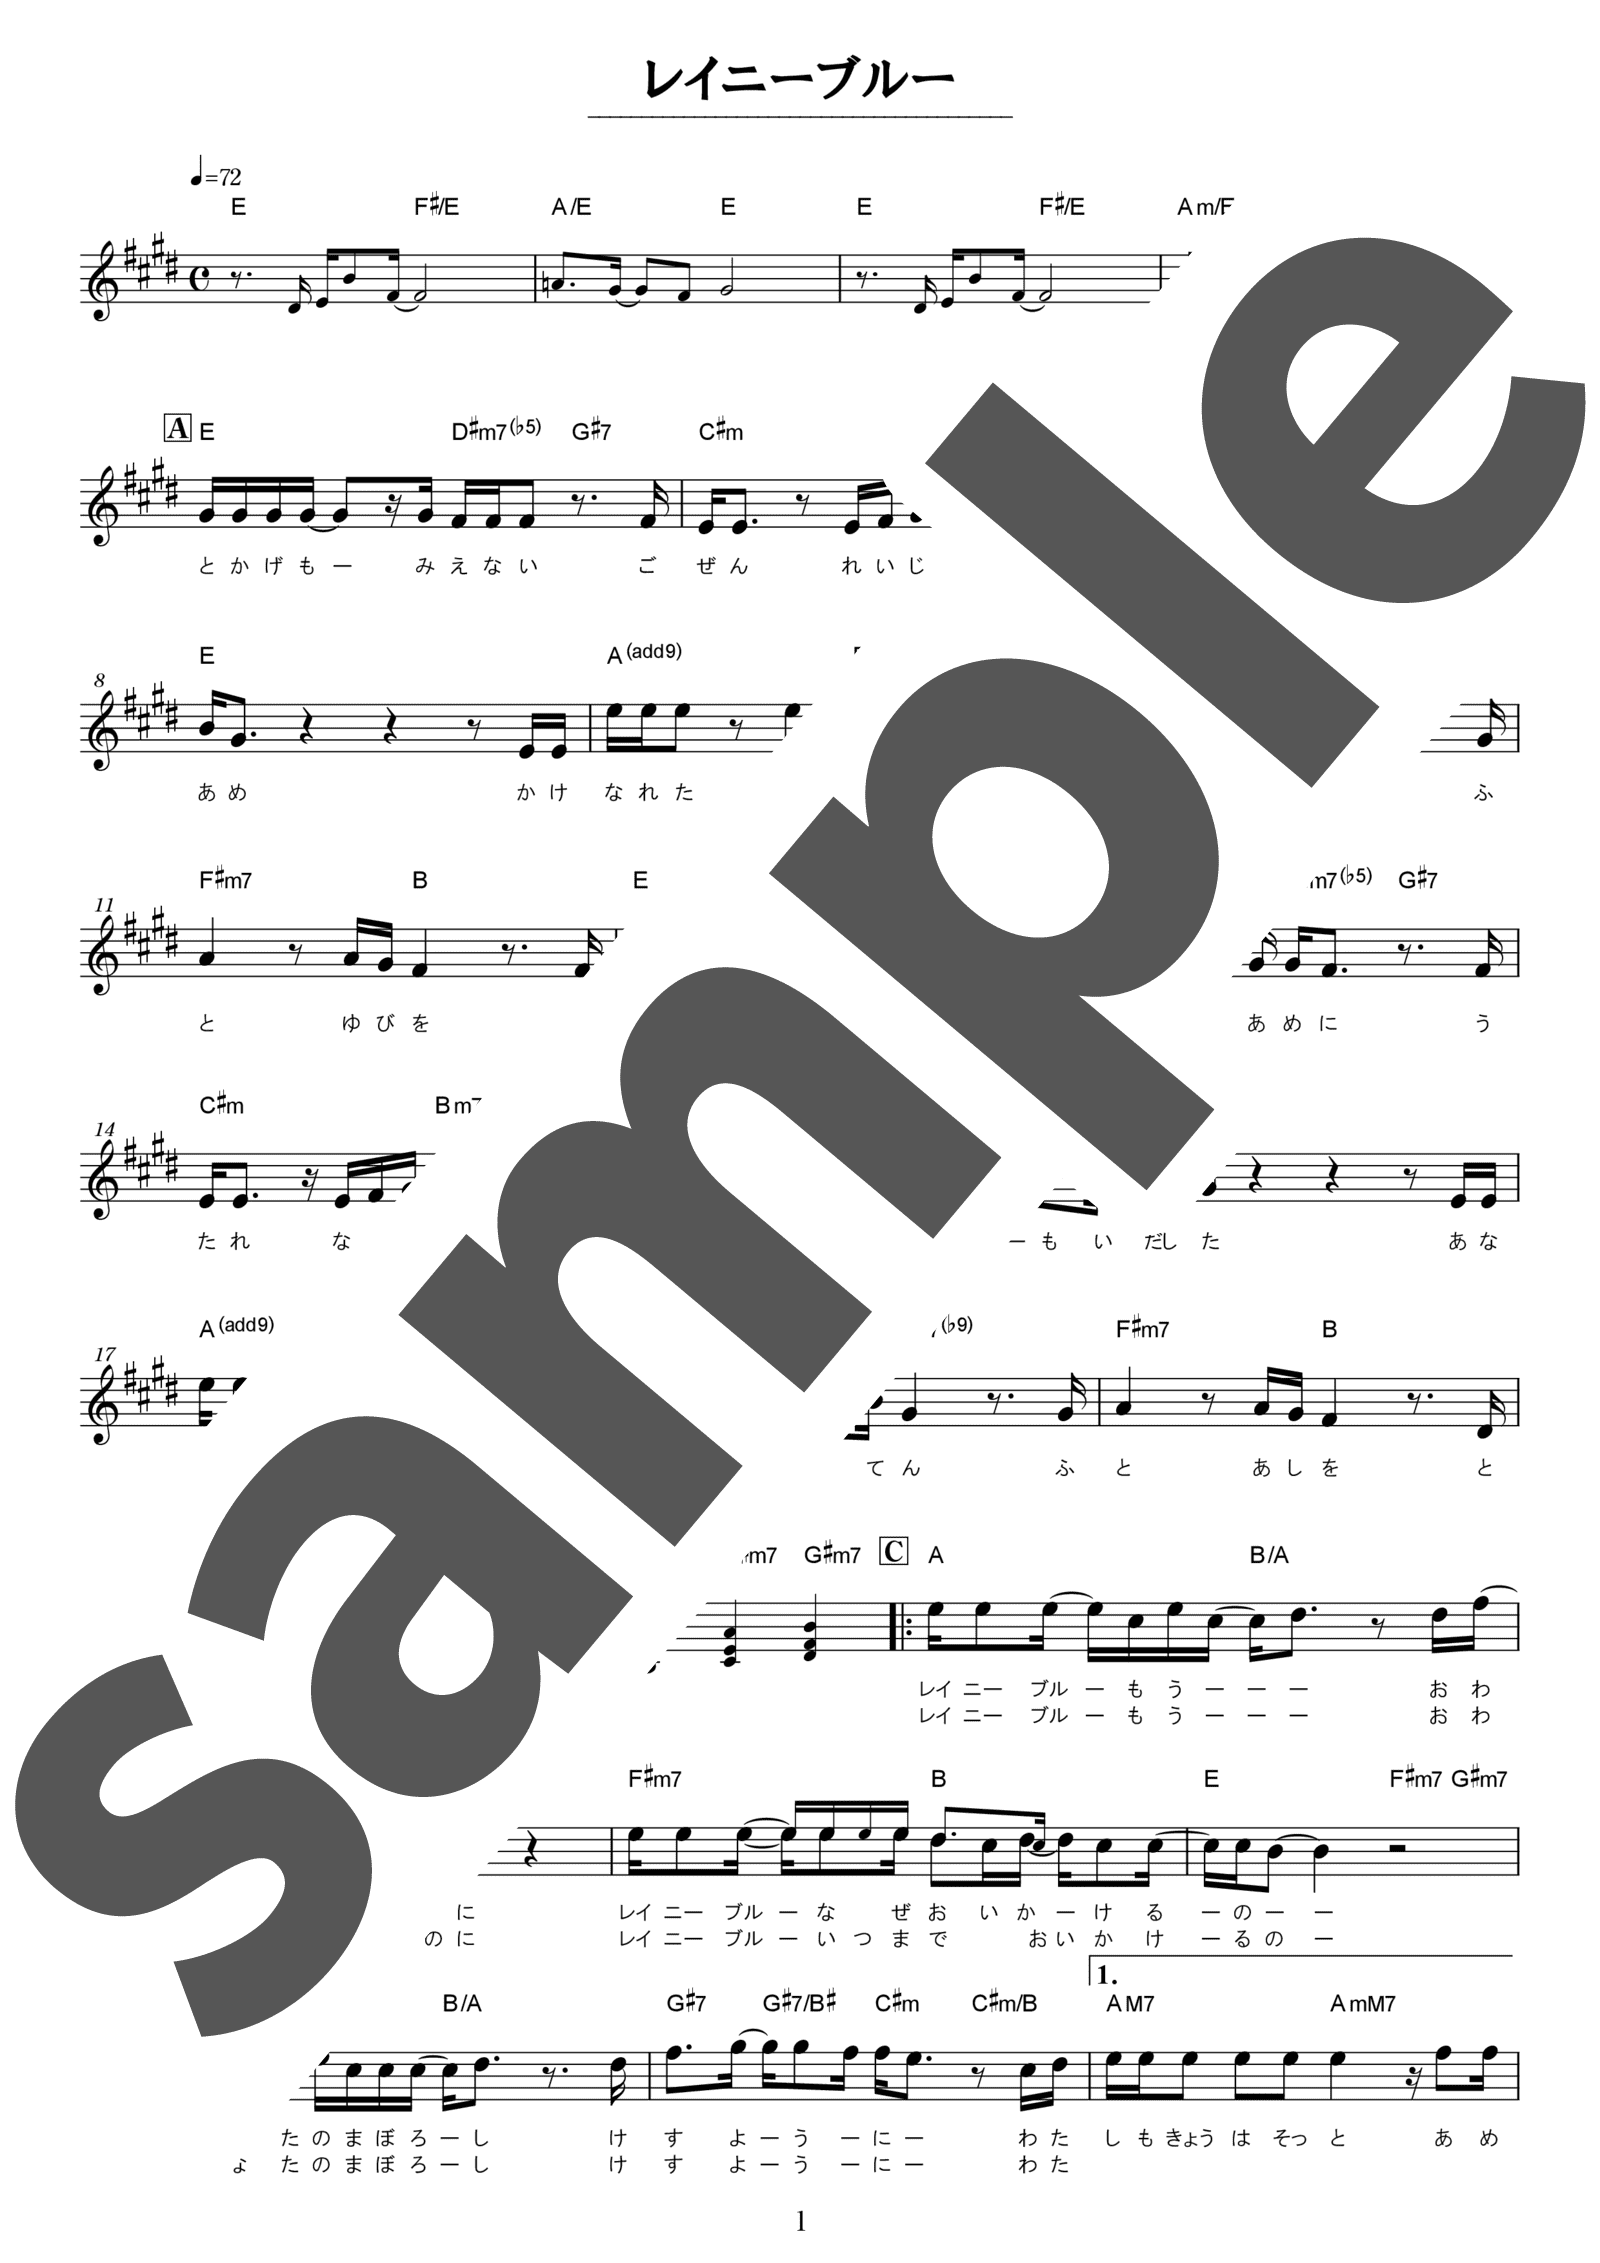 「レイニー ブルー」のサンプル楽譜